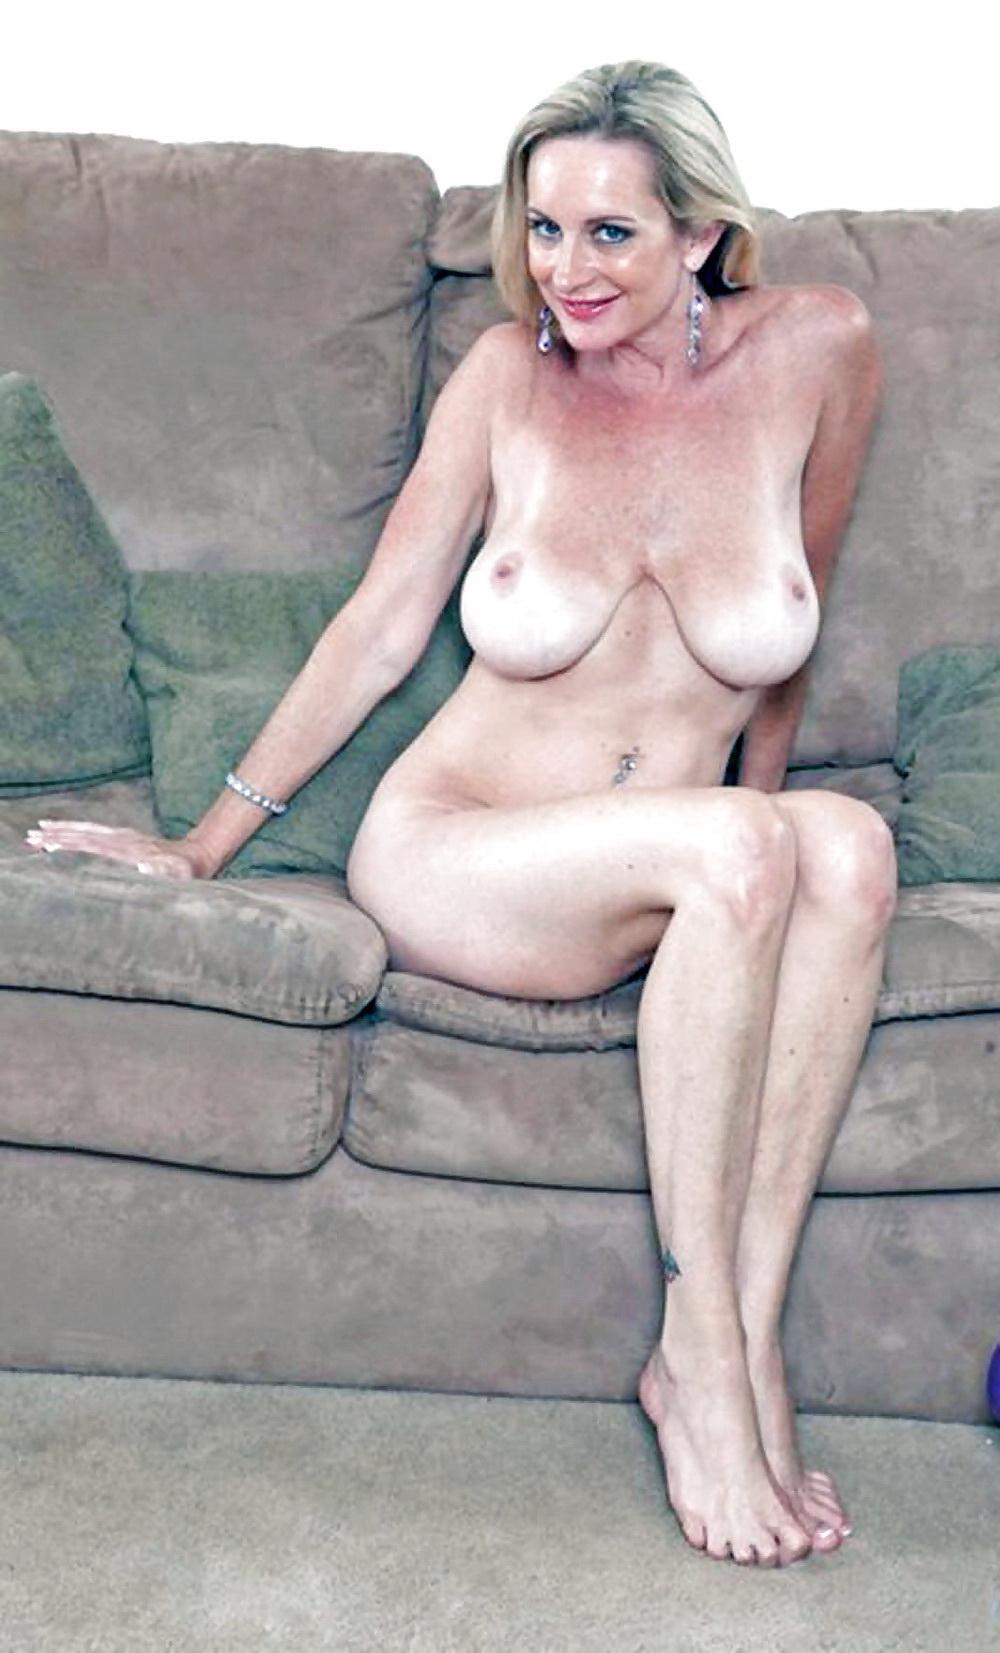 Фото зрелая женщина с обвисшей грудью